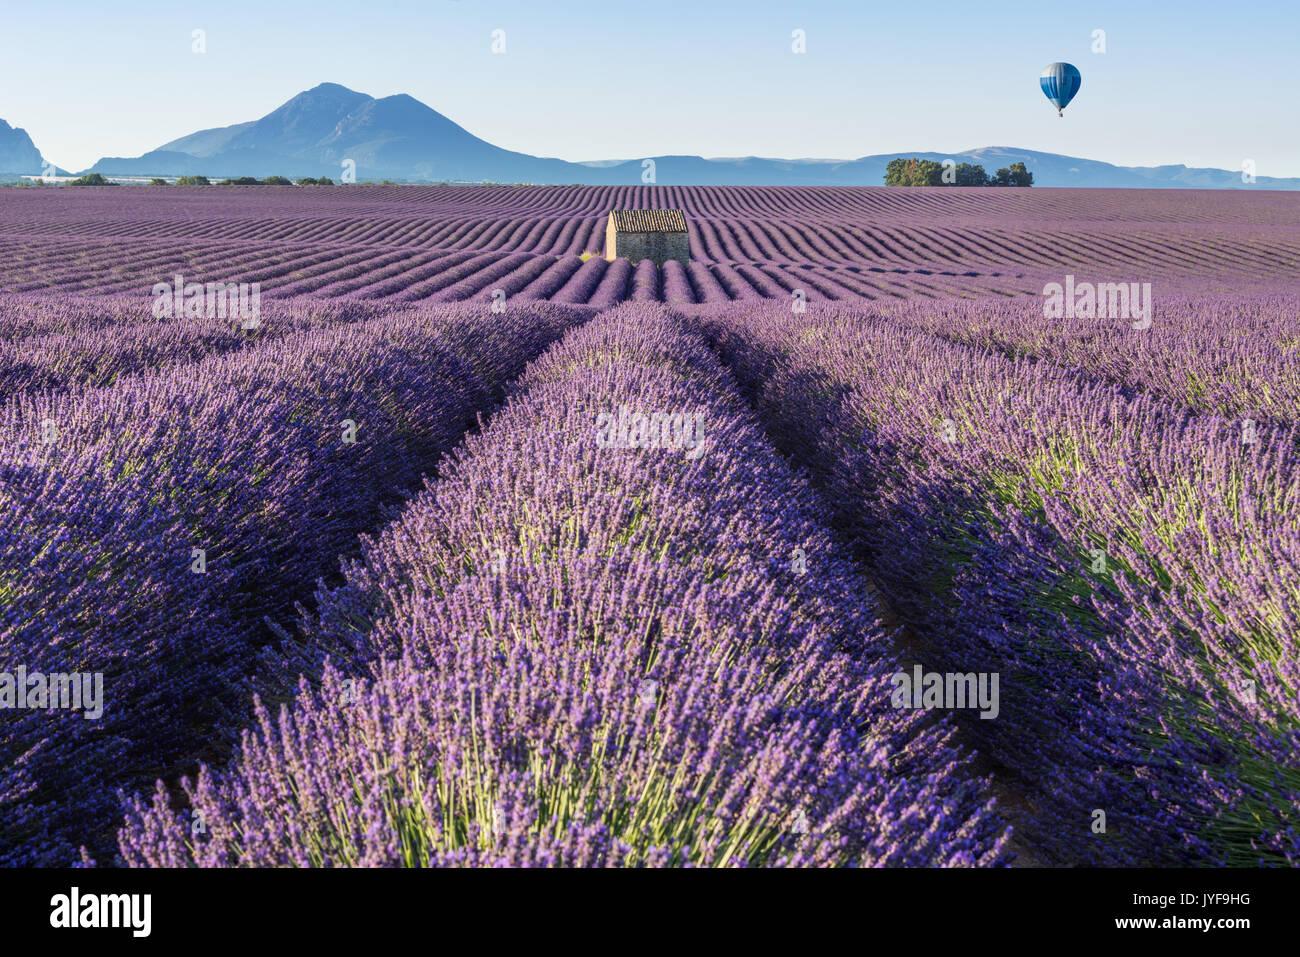 Montgolfière sur champs de lavande de Valensole. Provence, France Photo Stock